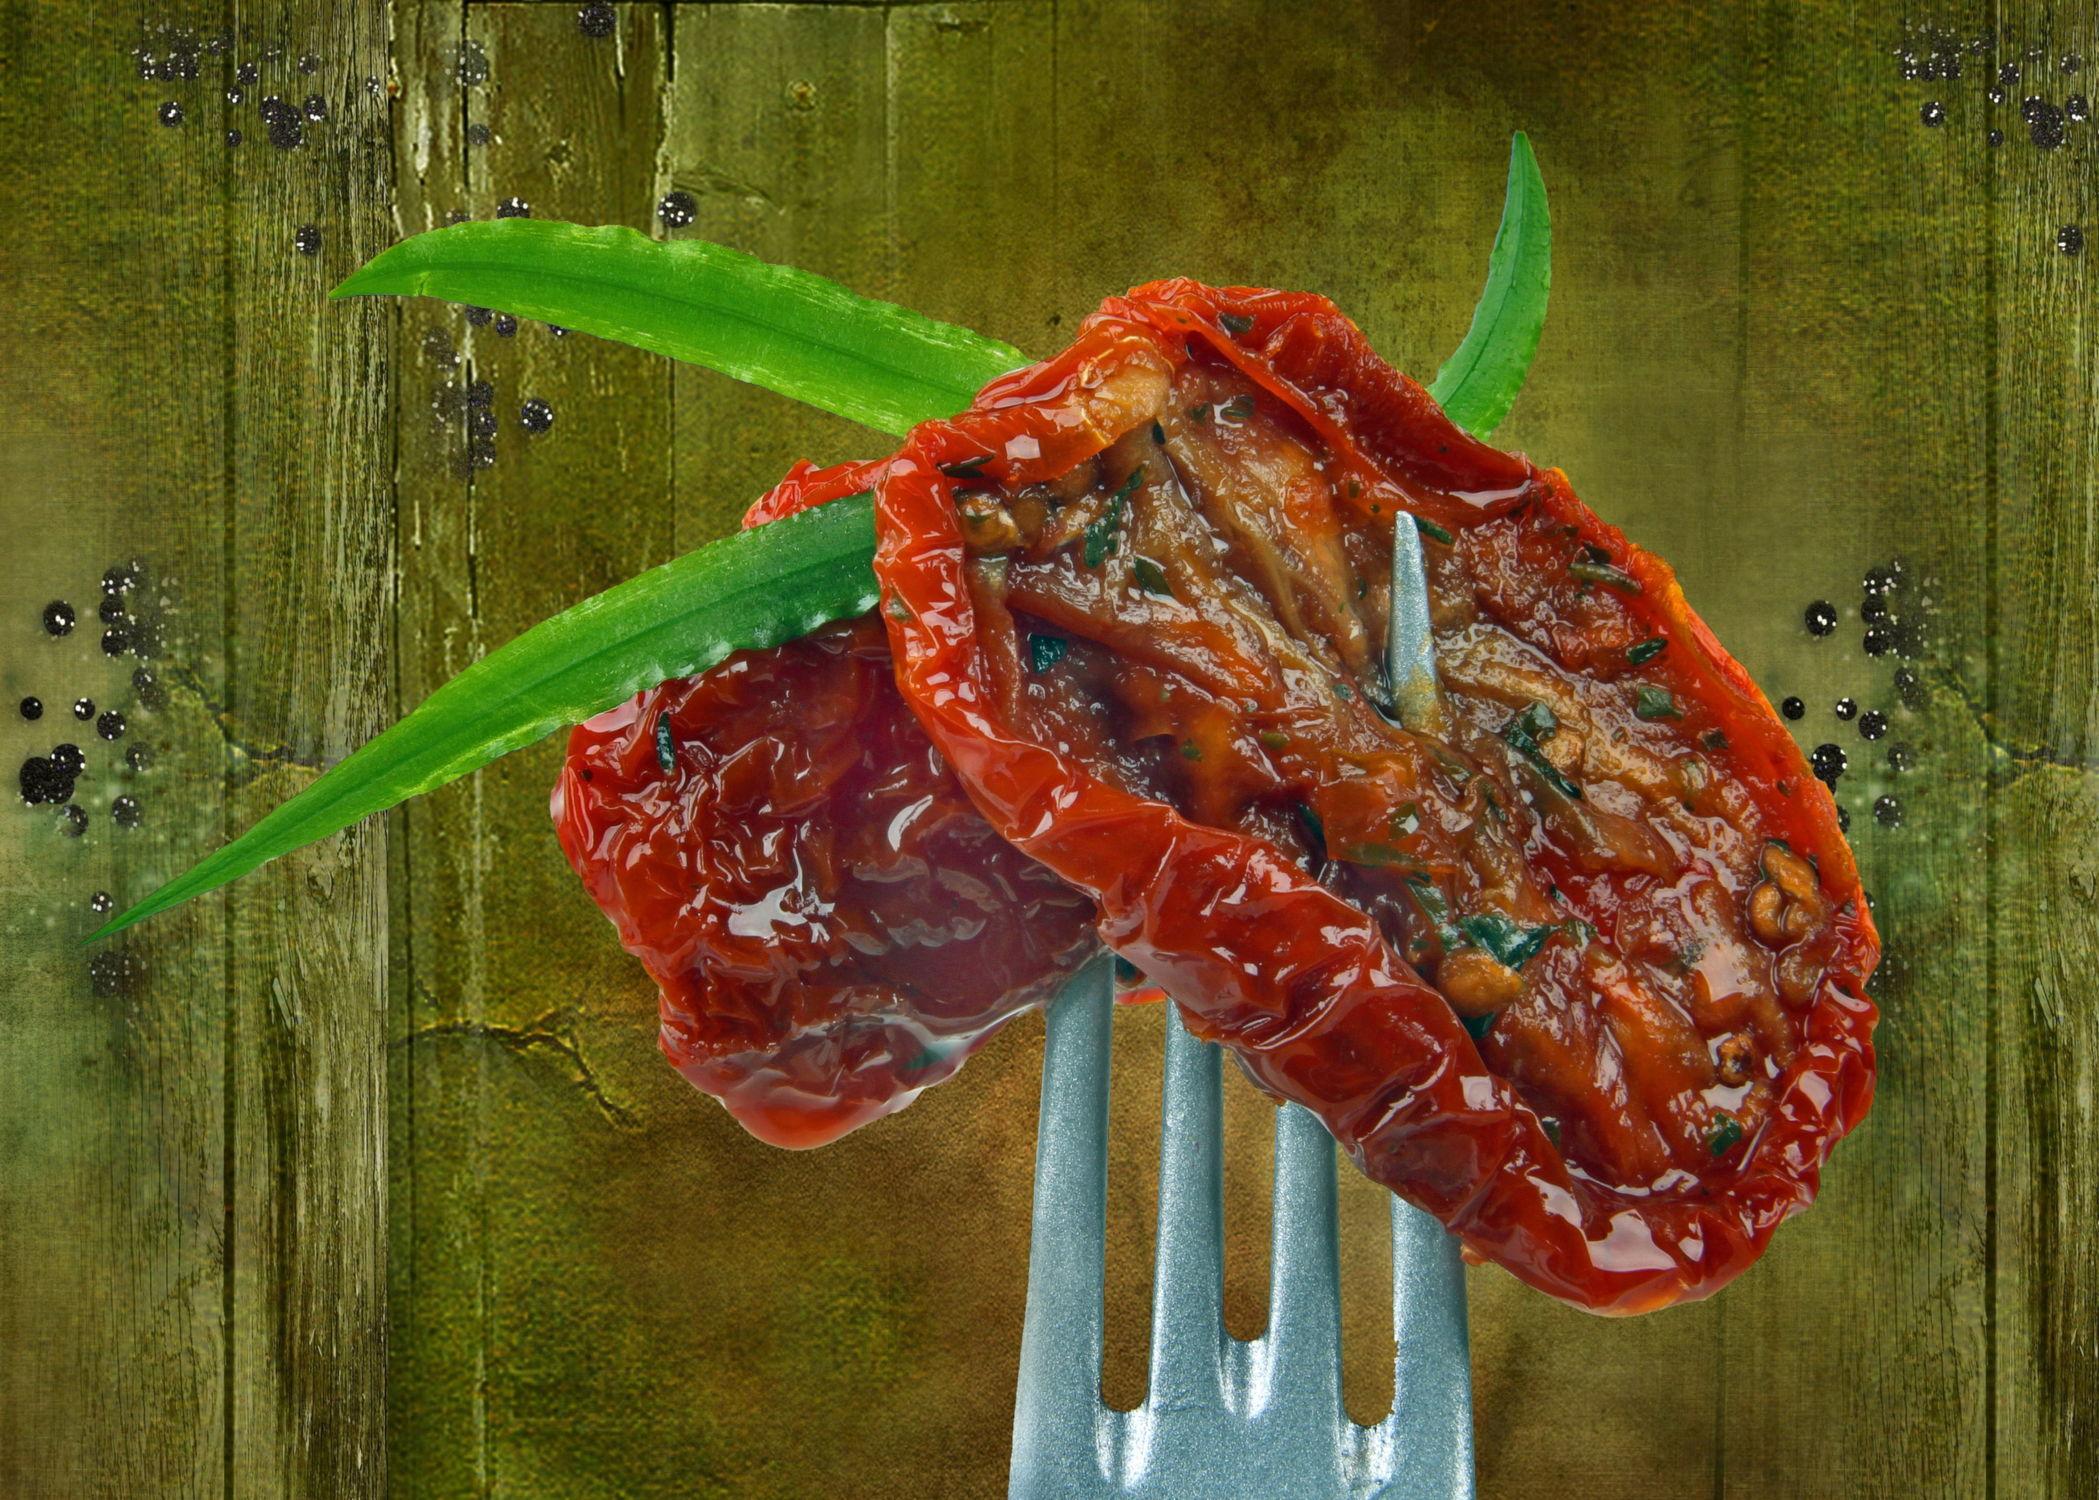 Bild mit Kräuter, Tomate, Tomaten, Gemüse, Nahrung, Stilleben, Textur, Ernährung, Küche, pesto